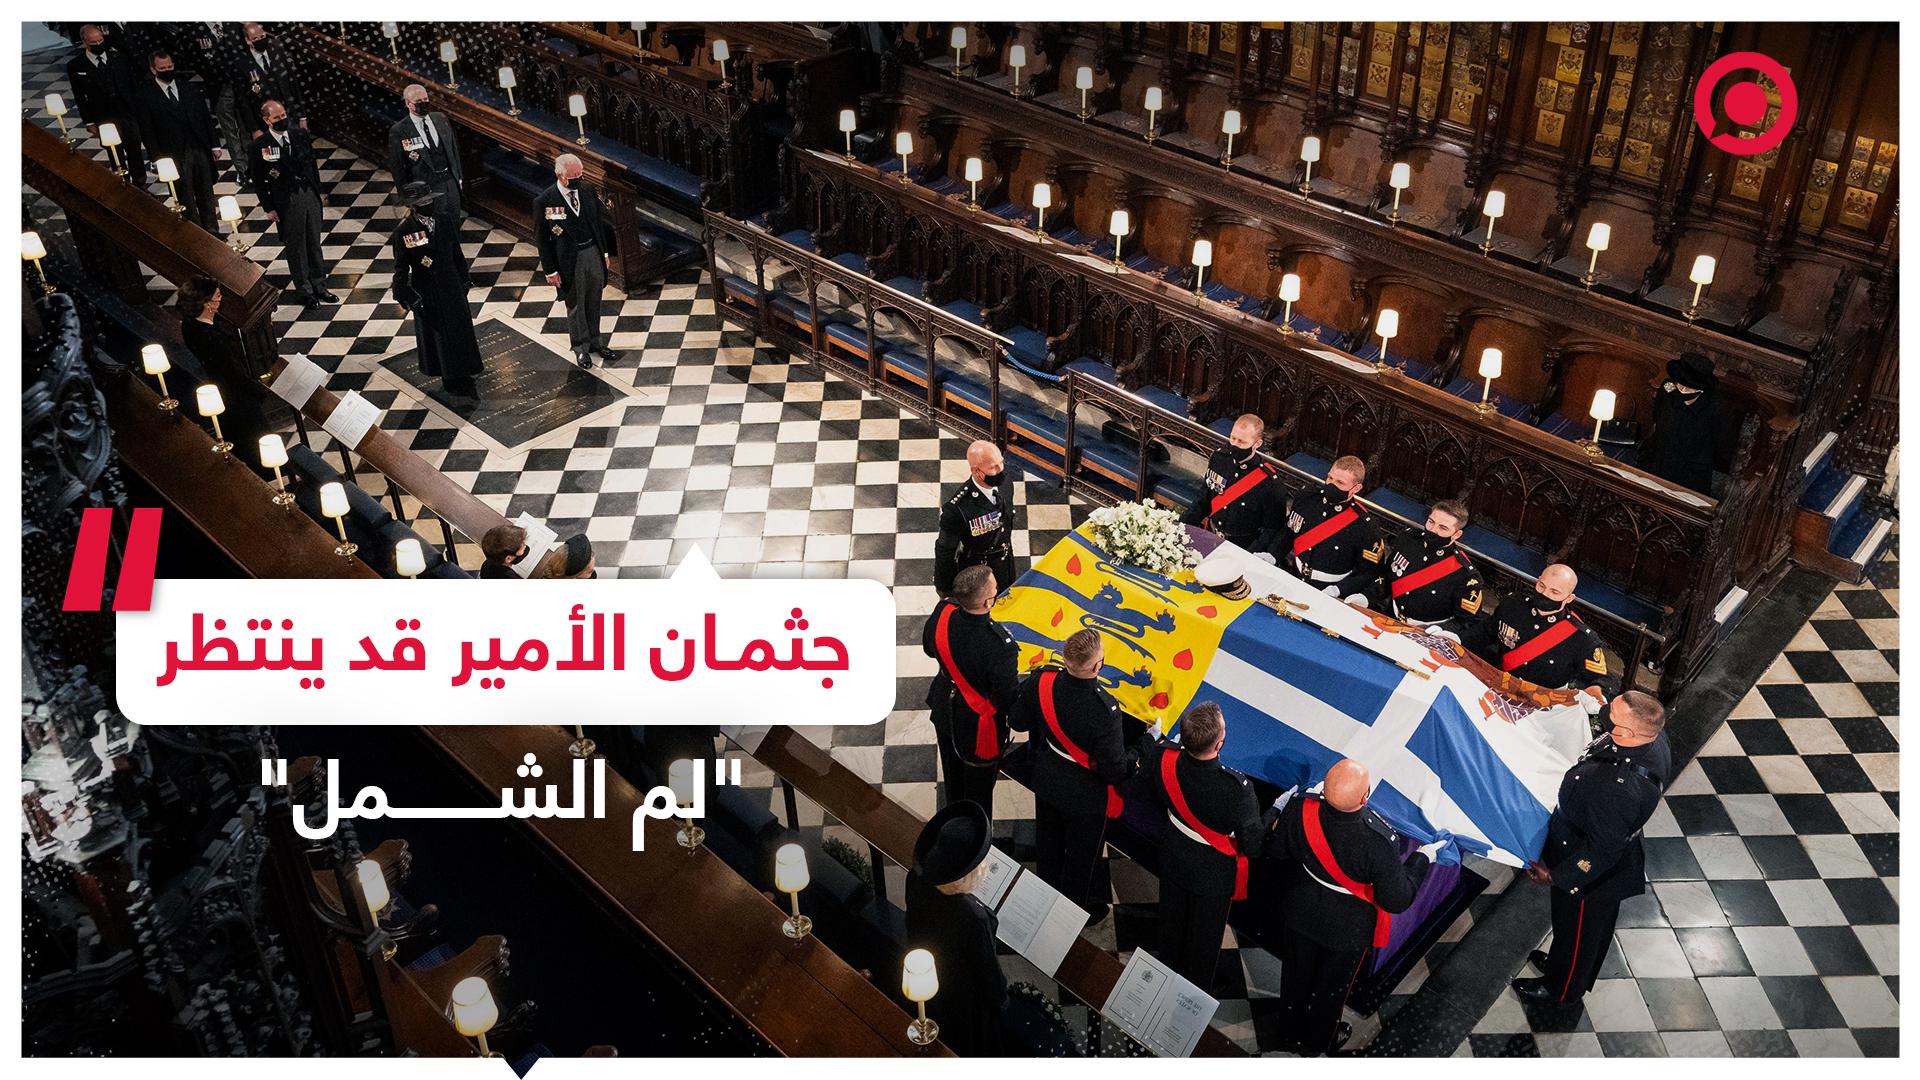 جثمان الأمير فيليب